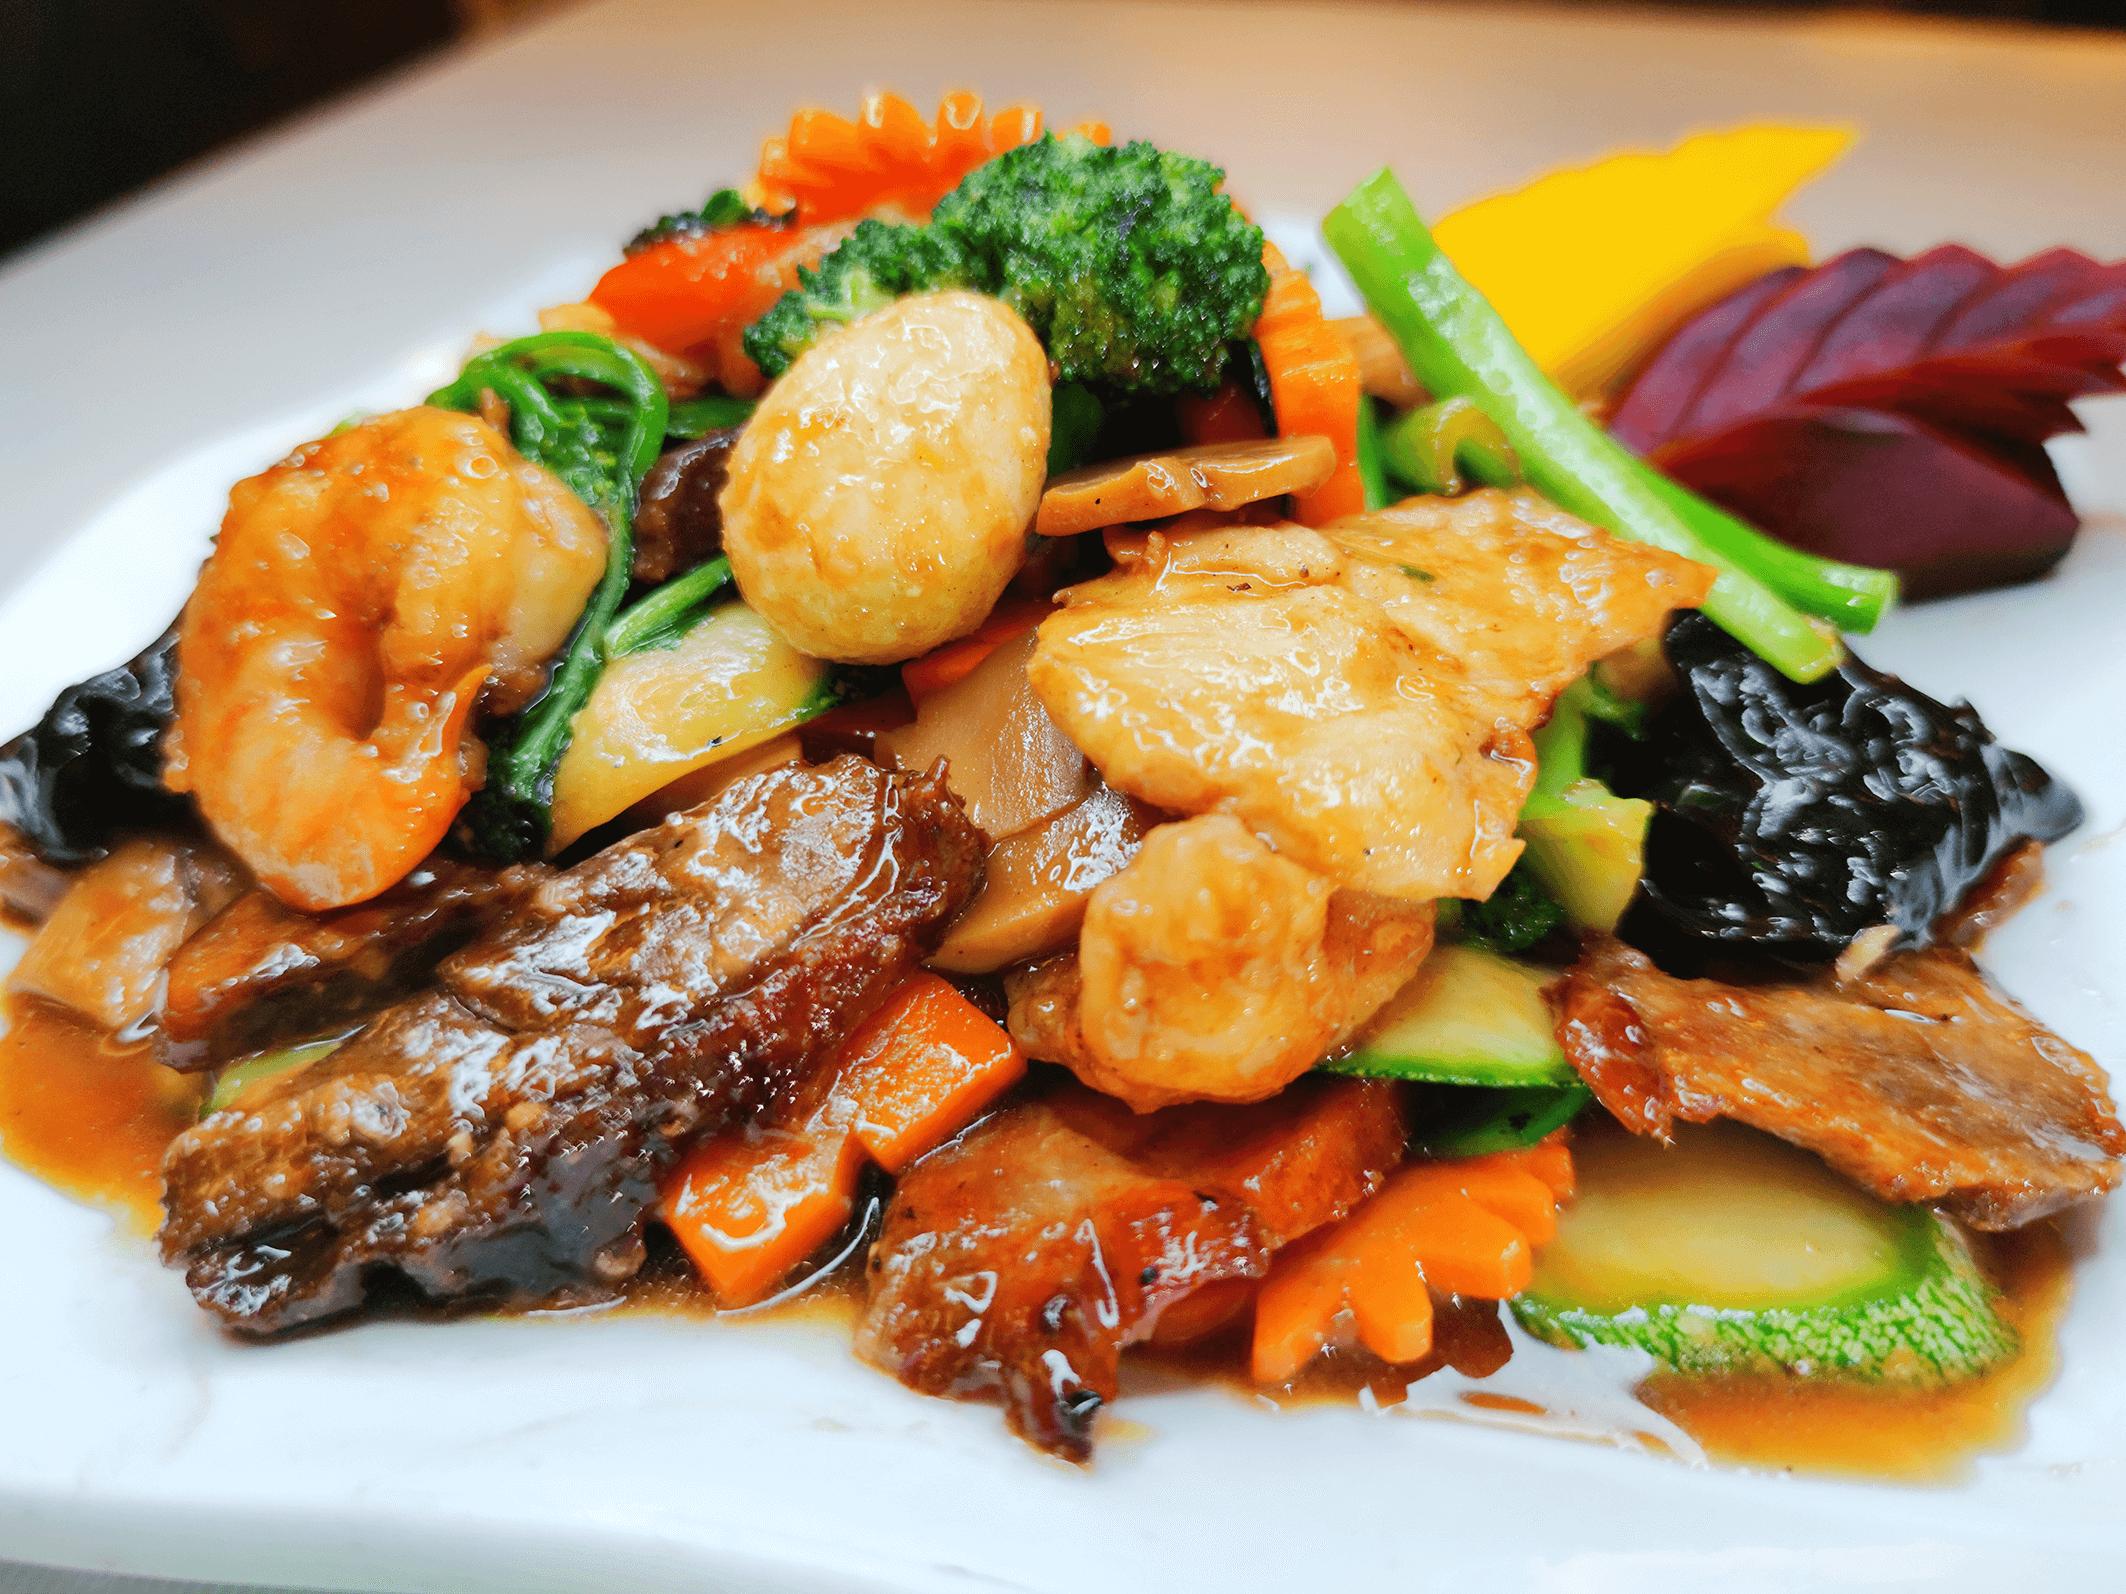 Saltado con verduras con Chasiu, pollo, langostinos, yuyo negro y huevo de codorniz .